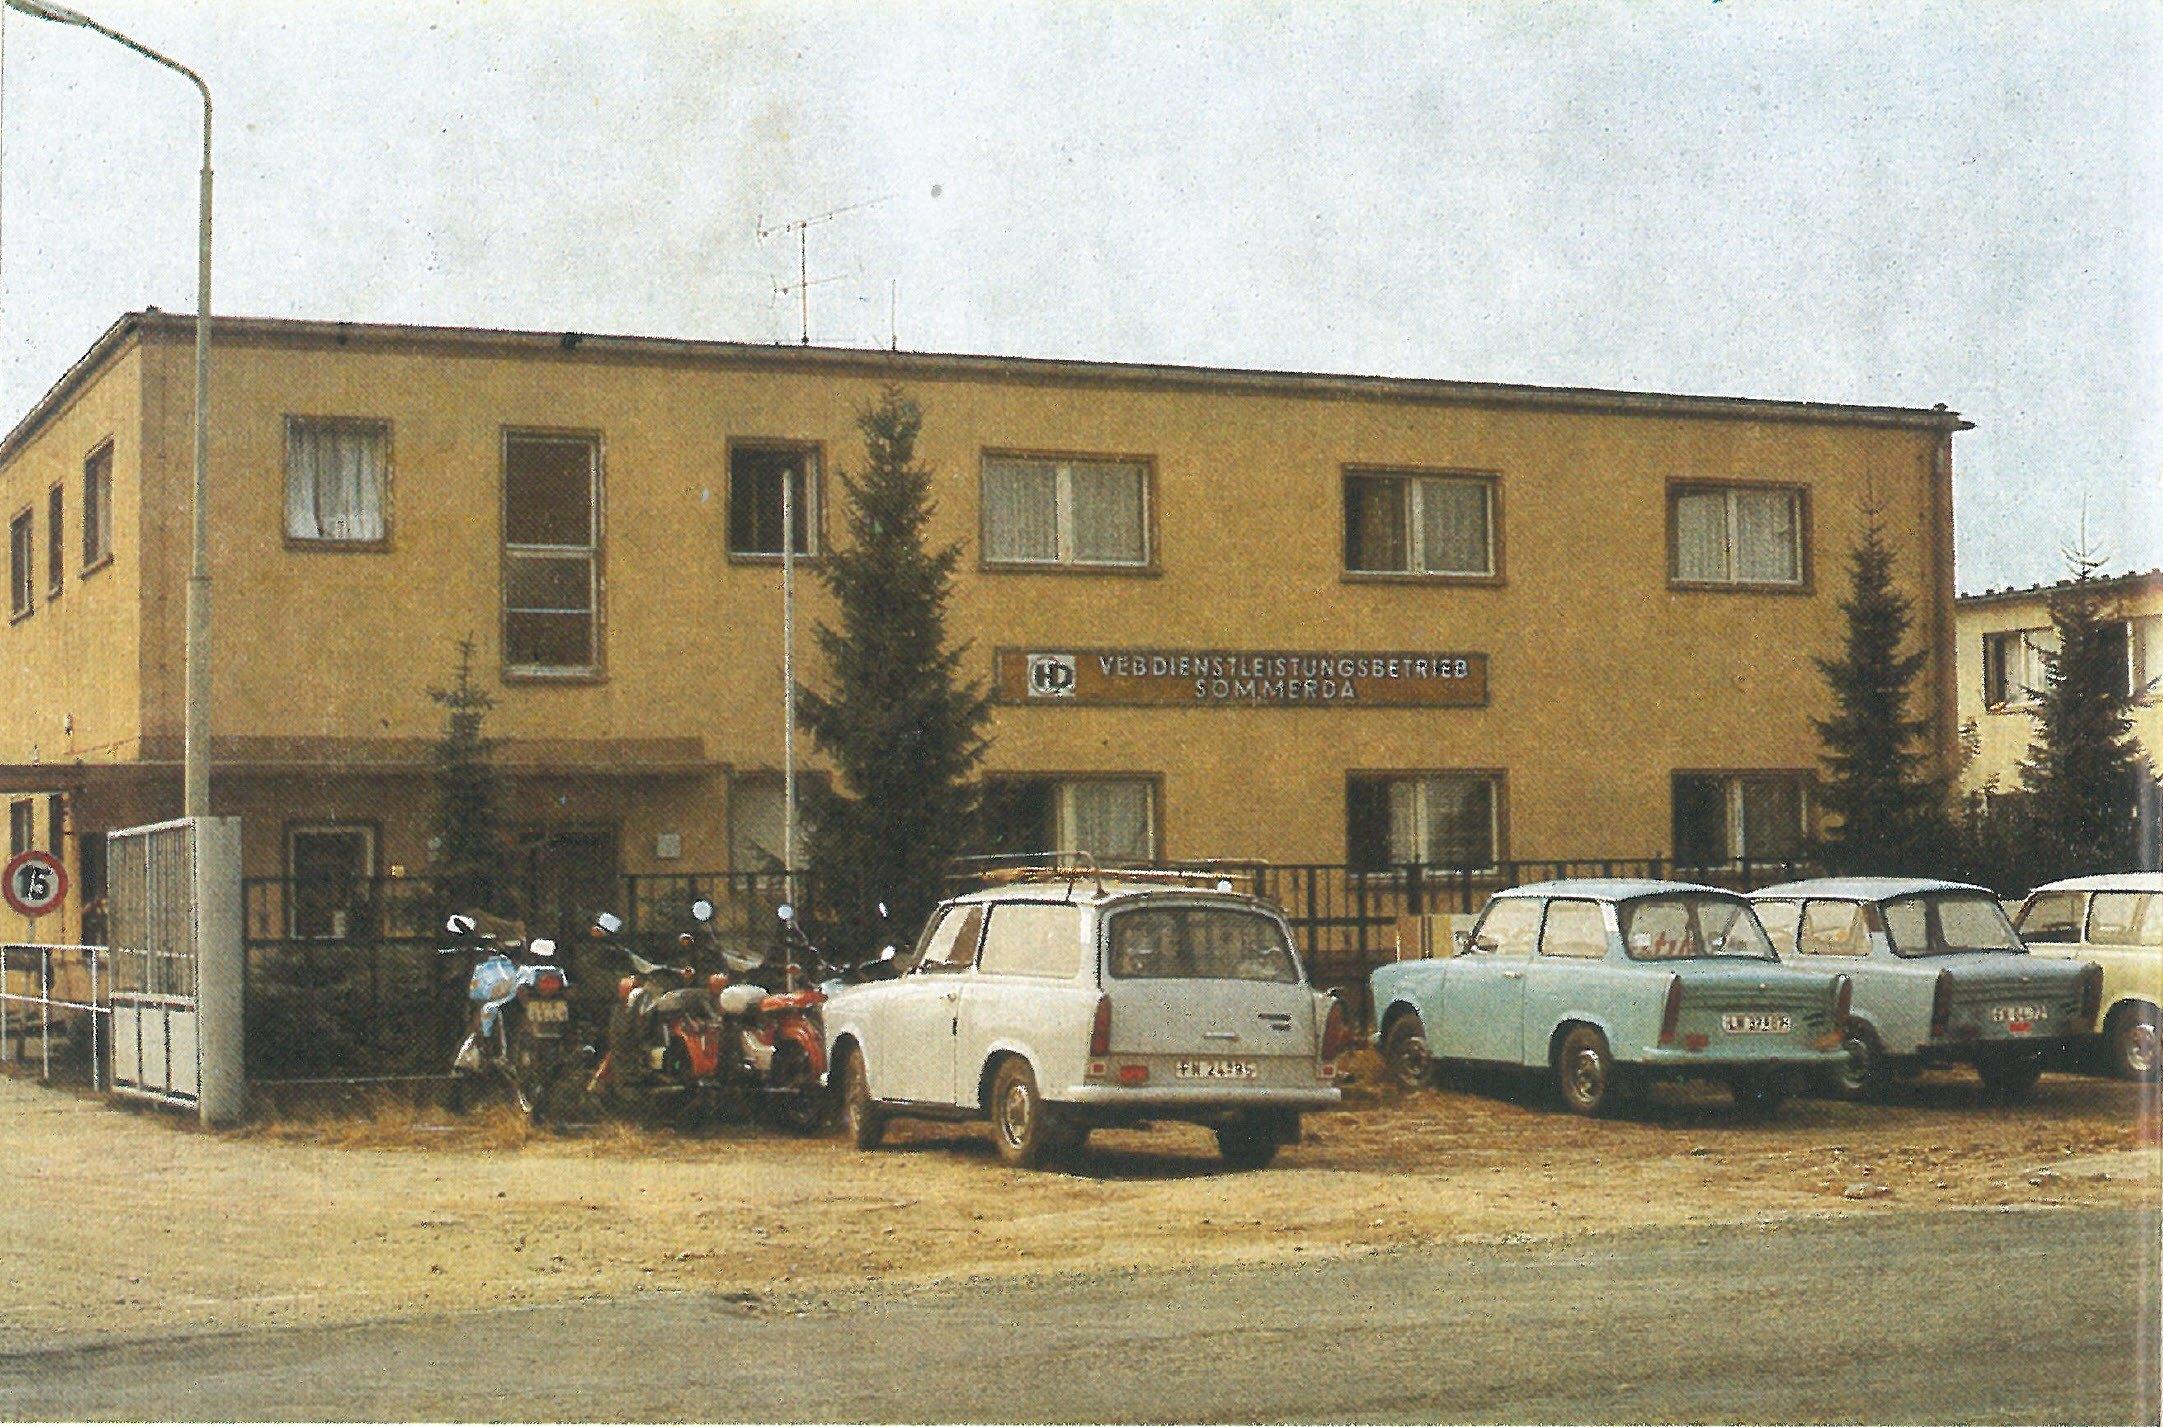 1989 VEB Dienstleistungsbetrieb Sömmerda